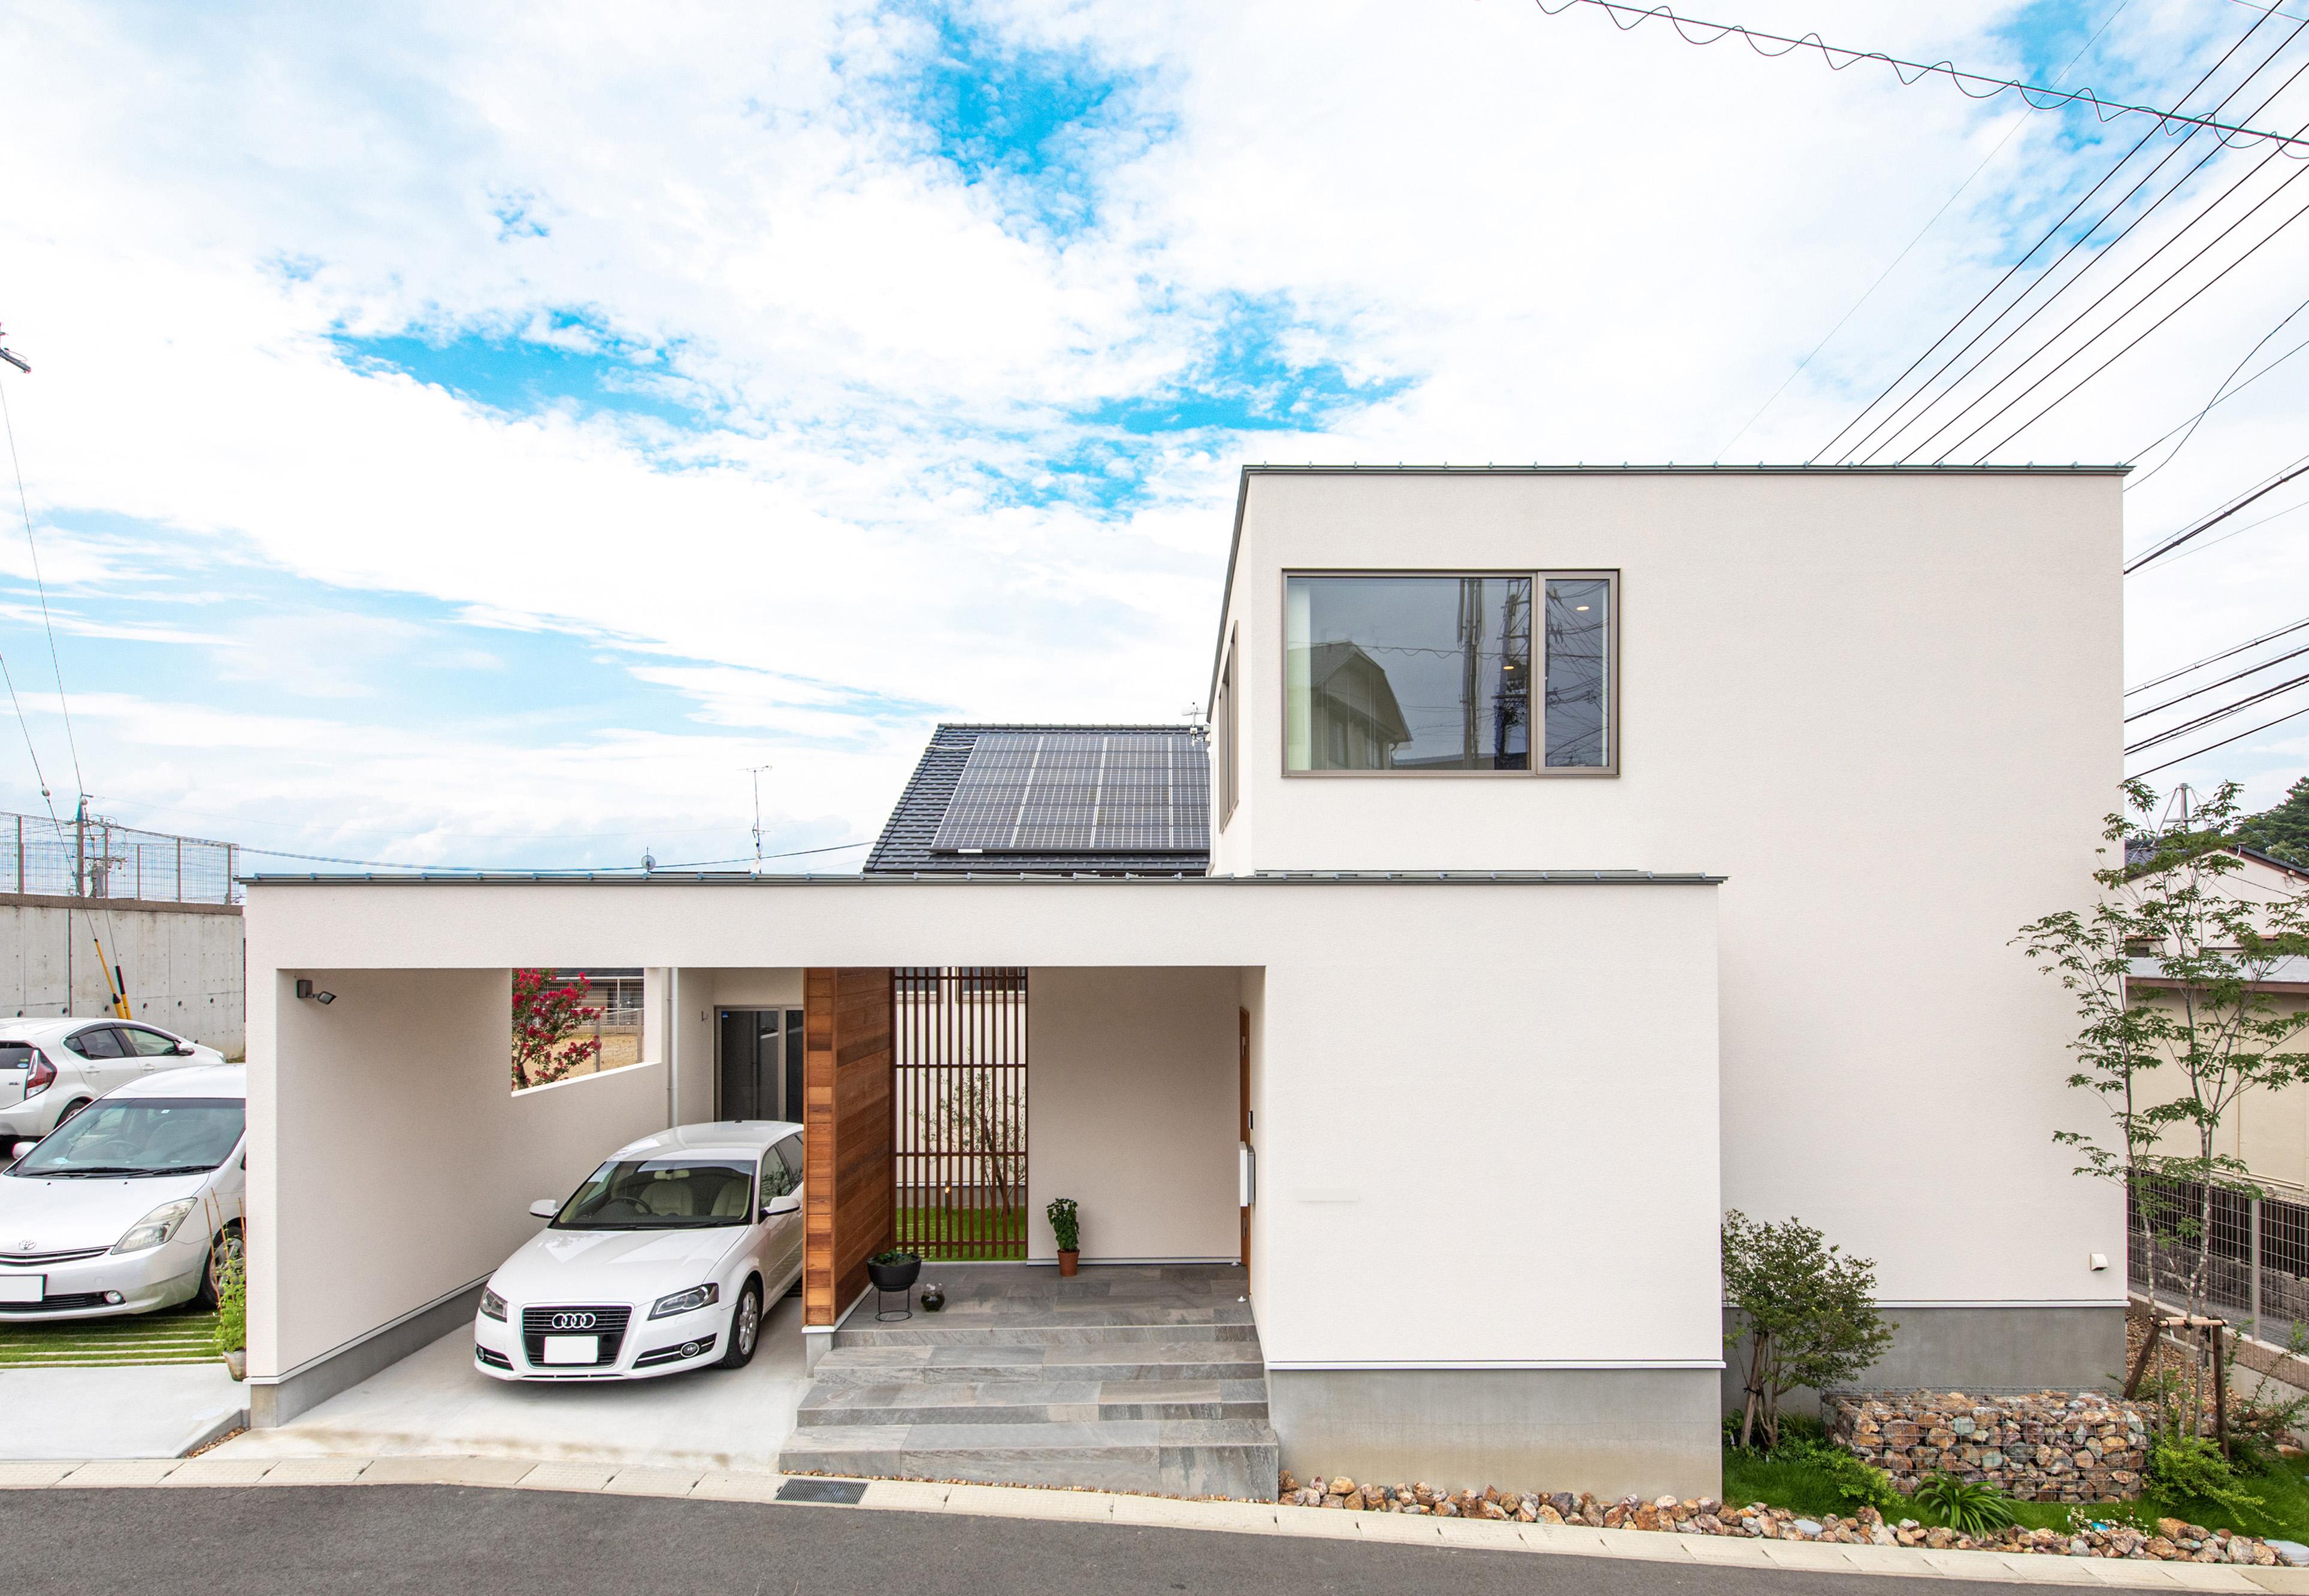 R+house 浜松中央(西遠建設)【趣味、建築家、インテリア】外観は、ガレージから中庭を囲む壁まで建物と一体化させたデザイン。均整の取れたフォルムがスタイリッシュで印象的